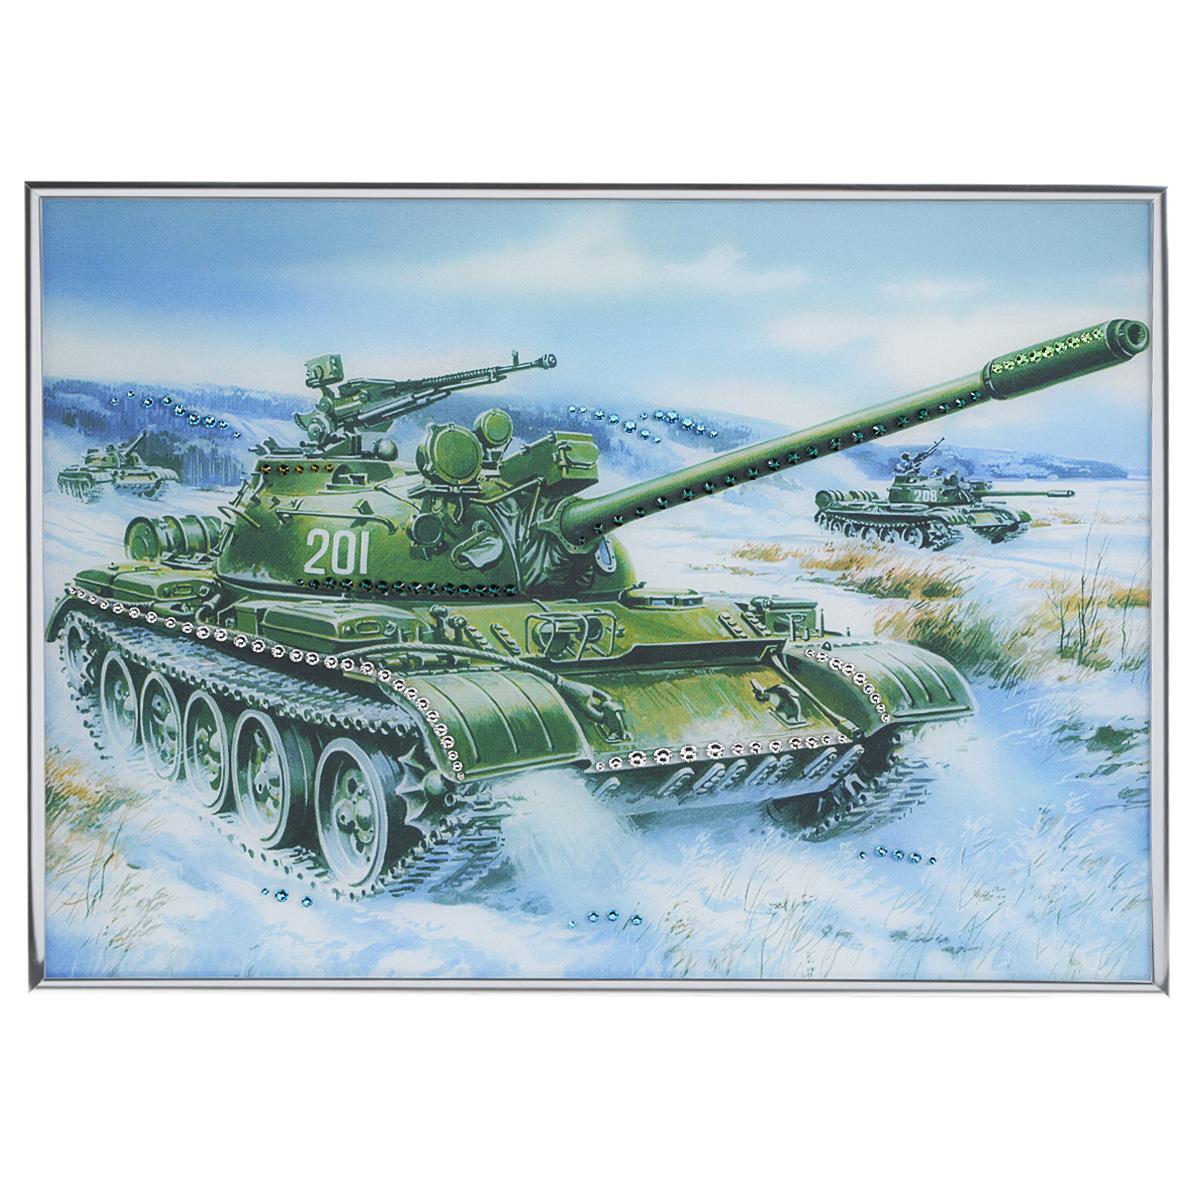 Картина с кристаллами Swarovski Танк, 40 х 30 см12723Изящная картина в металлической раме, инкрустирована кристаллами Swarovski, которые отличаются четкой и ровной огранкой, ярким блеском и чистотой цвета. Красочное изображение танка, расположенное под стеклом, прекрасно дополняет блеск кристаллов. С обратной стороны имеется металлическая петелька для размещения картины на стене.Картина с кристаллами Swarovski Танк элегантно украсит интерьер дома или офиса, а также станет прекрасным подарком, который обязательно понравится получателю. Блеск кристаллов в интерьере, что может быть сказочнее и удивительнее. Картина упакована в подарочную картонную коробку синего цвета и комплектуется сертификатом соответствия Swarovski.